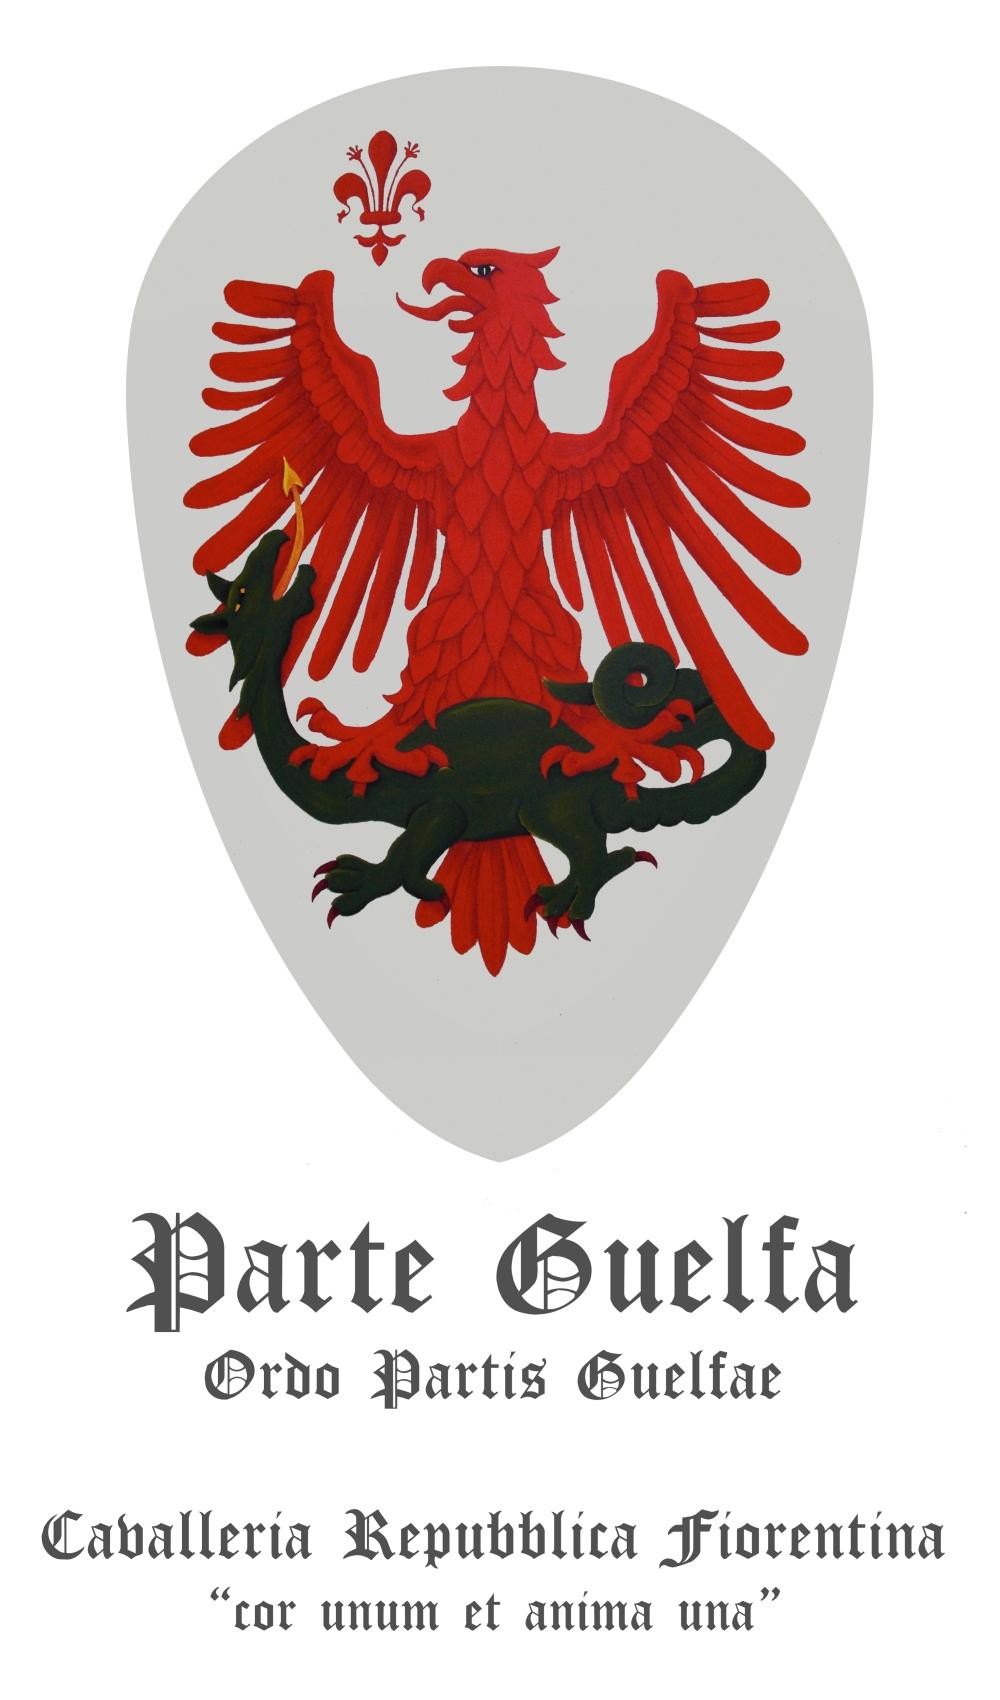 Parte Guelfa